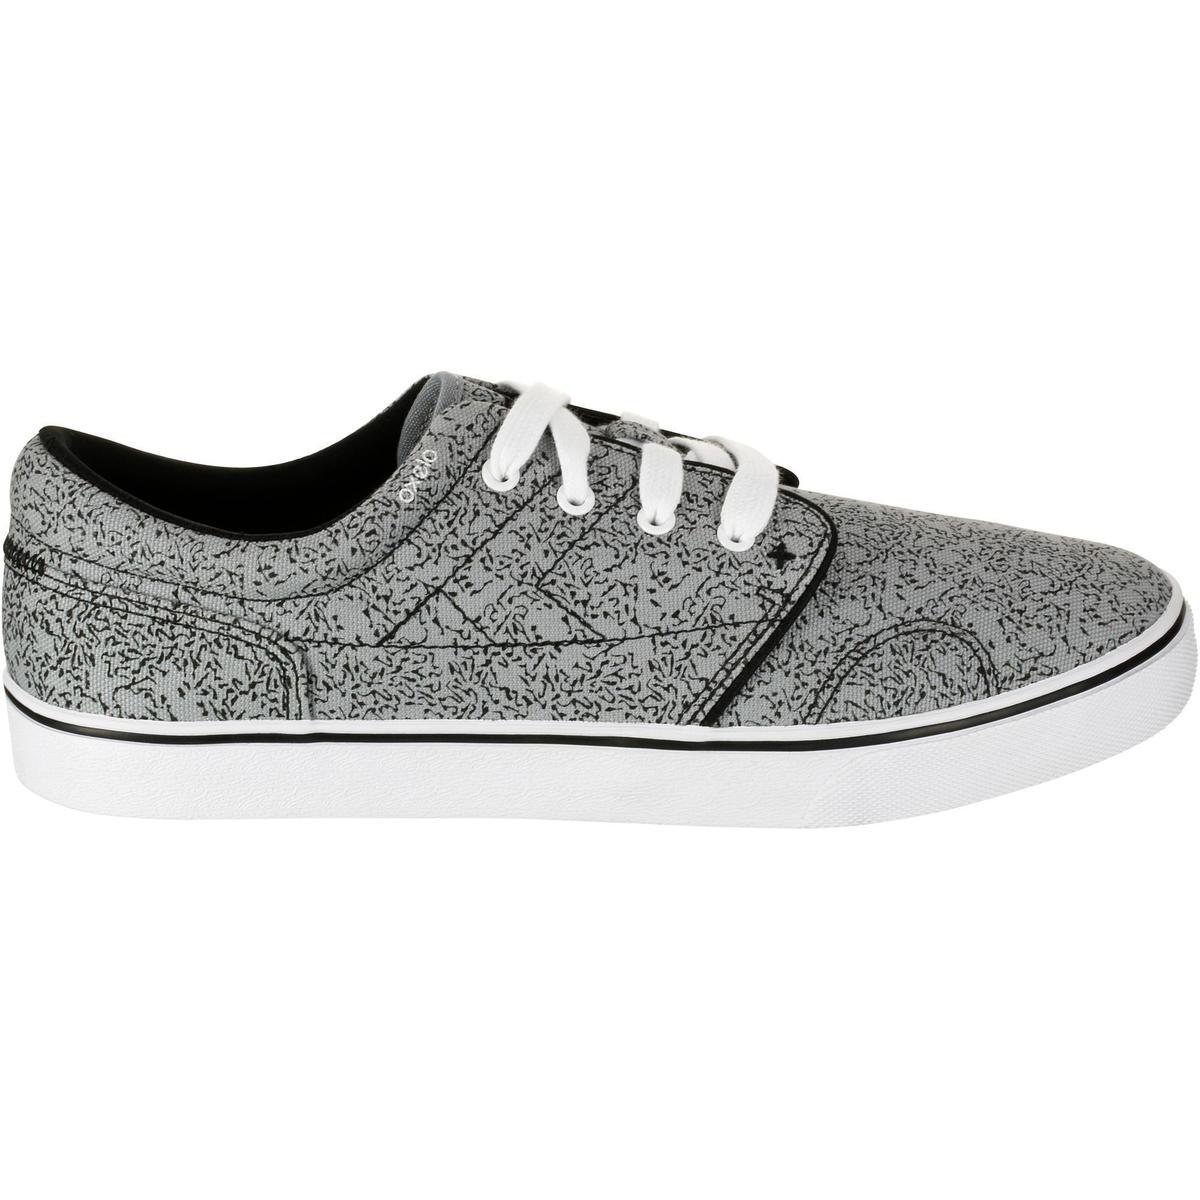 Bild 2 von Skaterschuhe Sneaker Vulca Canvas Erwachsene grau